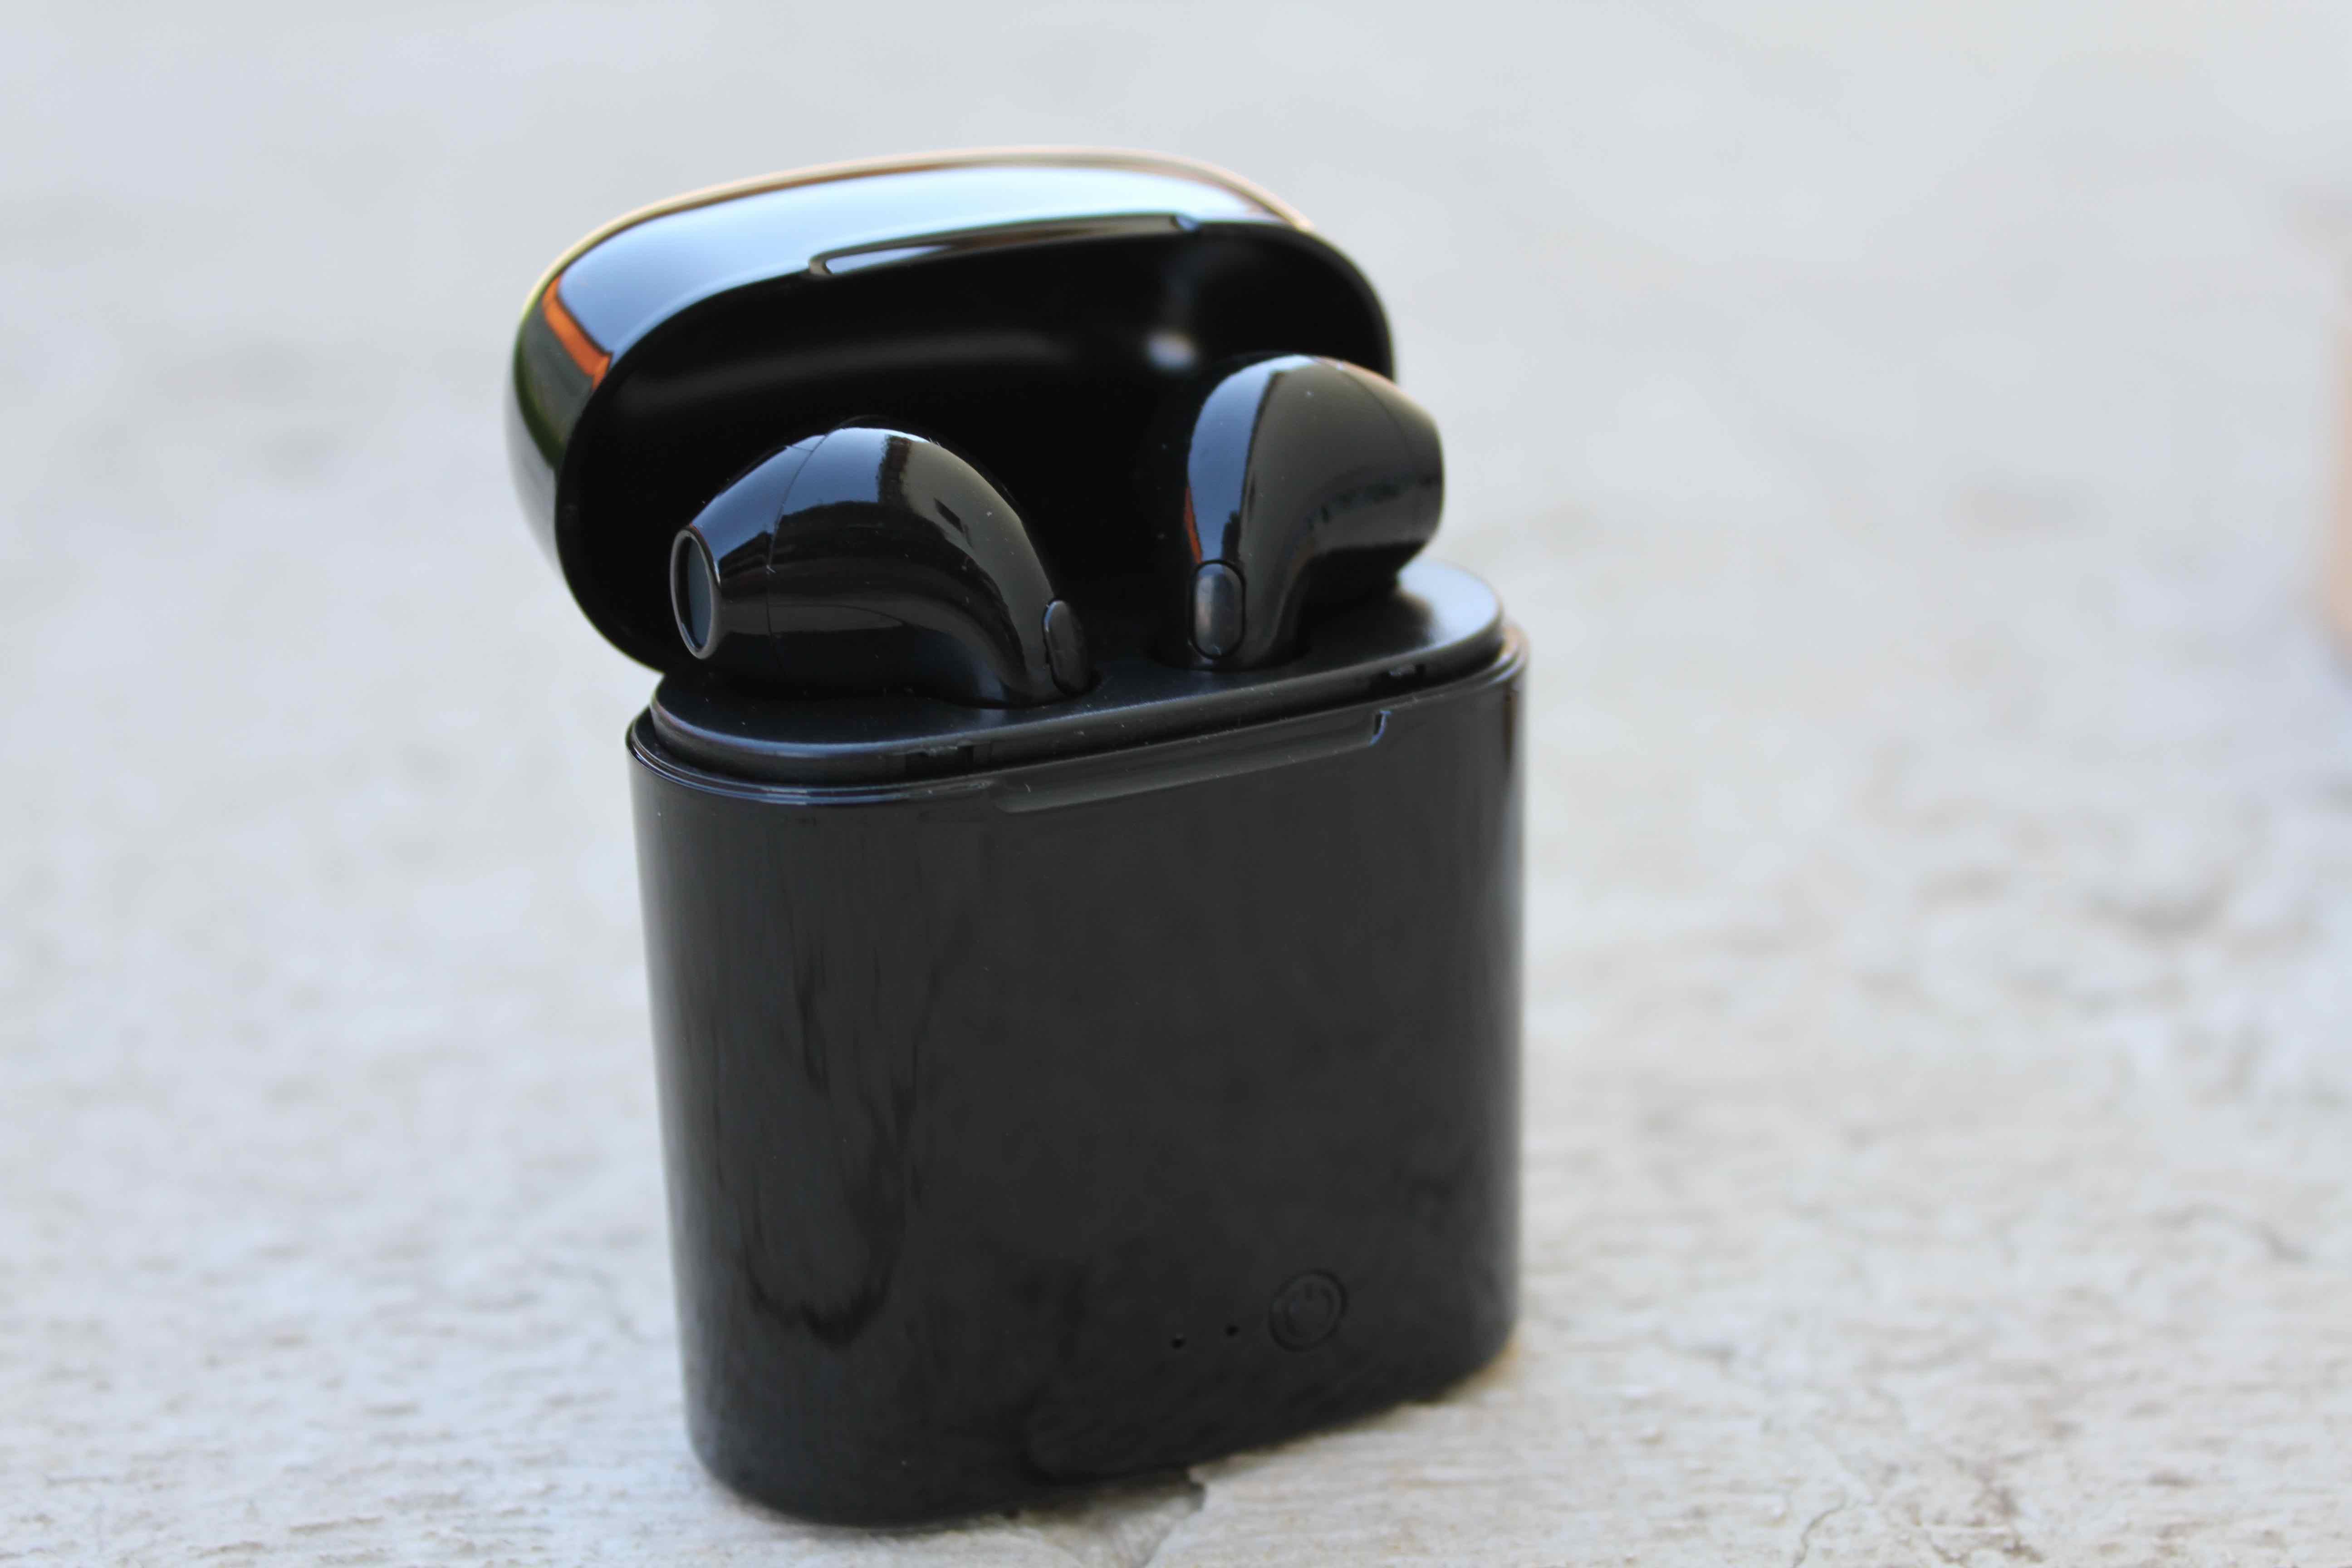 RECENSIONE  Cuffie Wireless simili ad AirPods e IconX  28554b7349f6